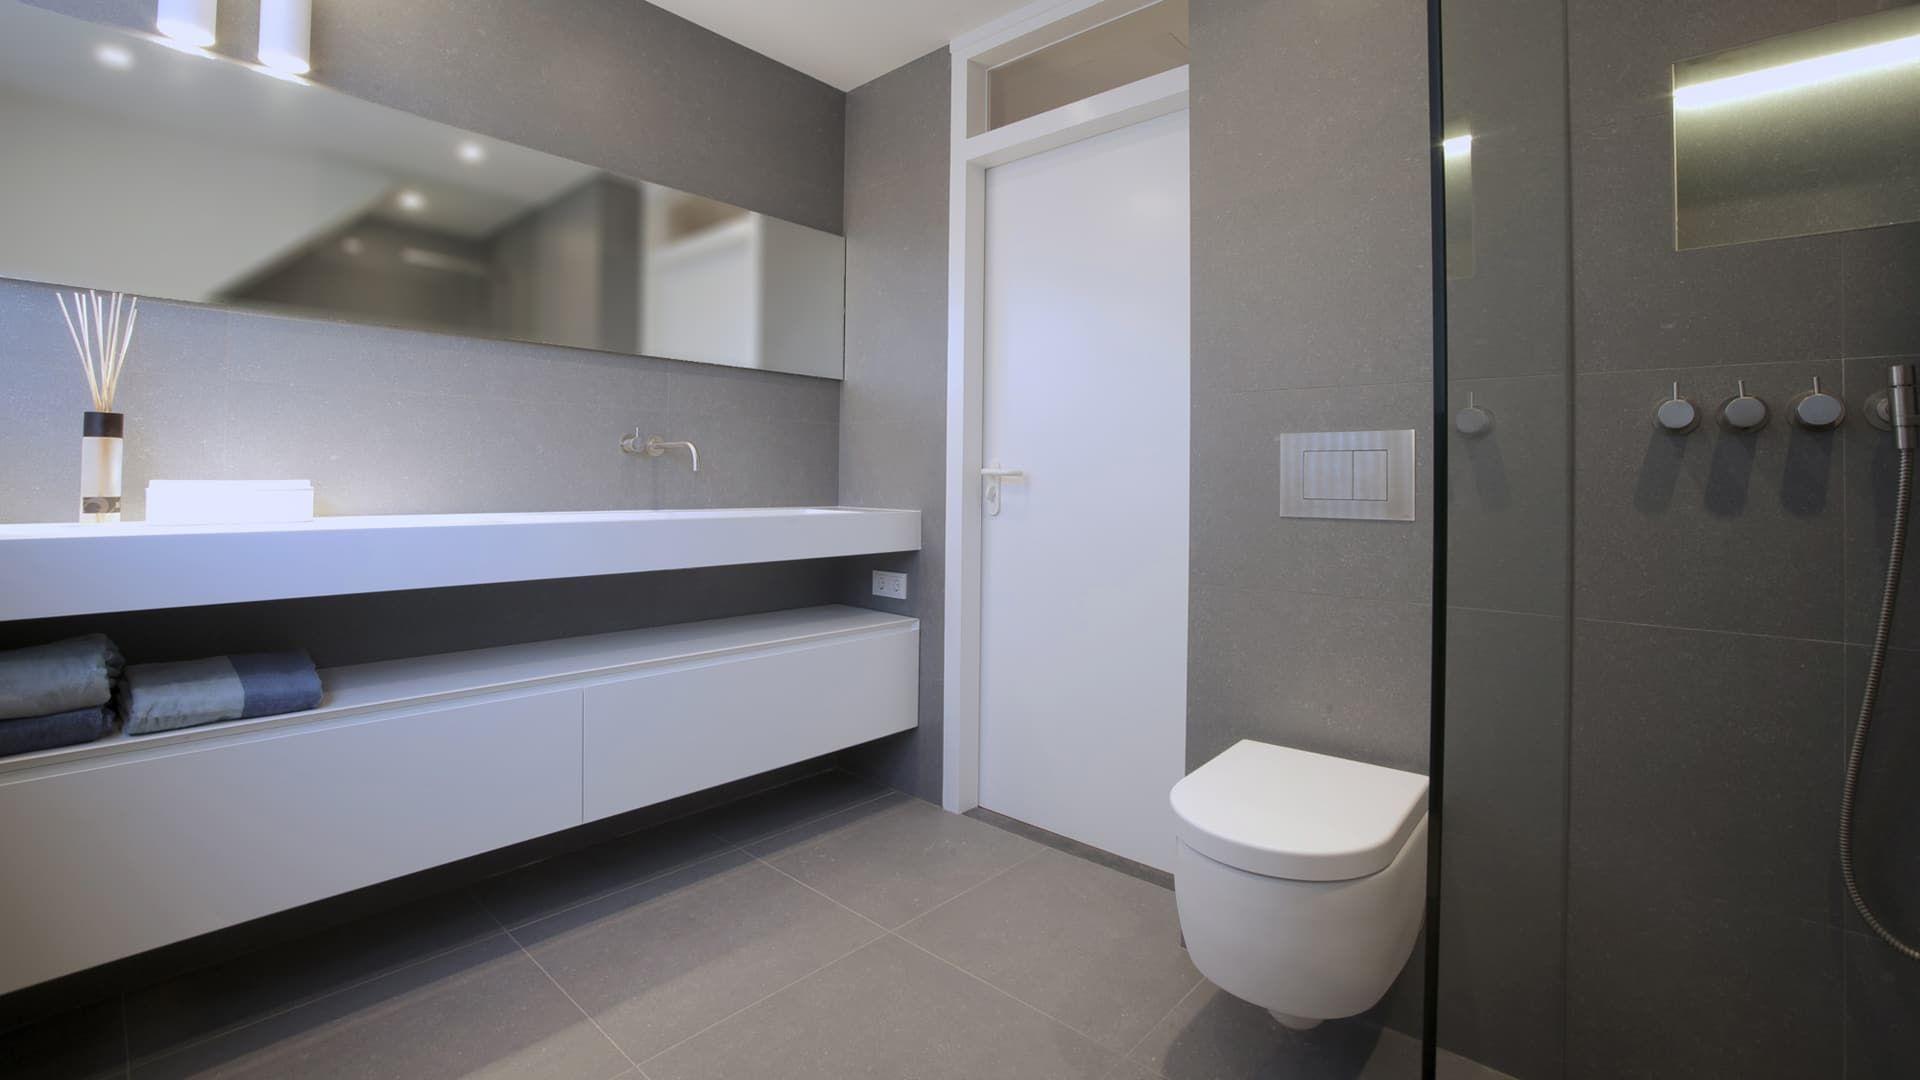 Maatwerk suite en badkamer hummel keukens, badkamers en tegels ...